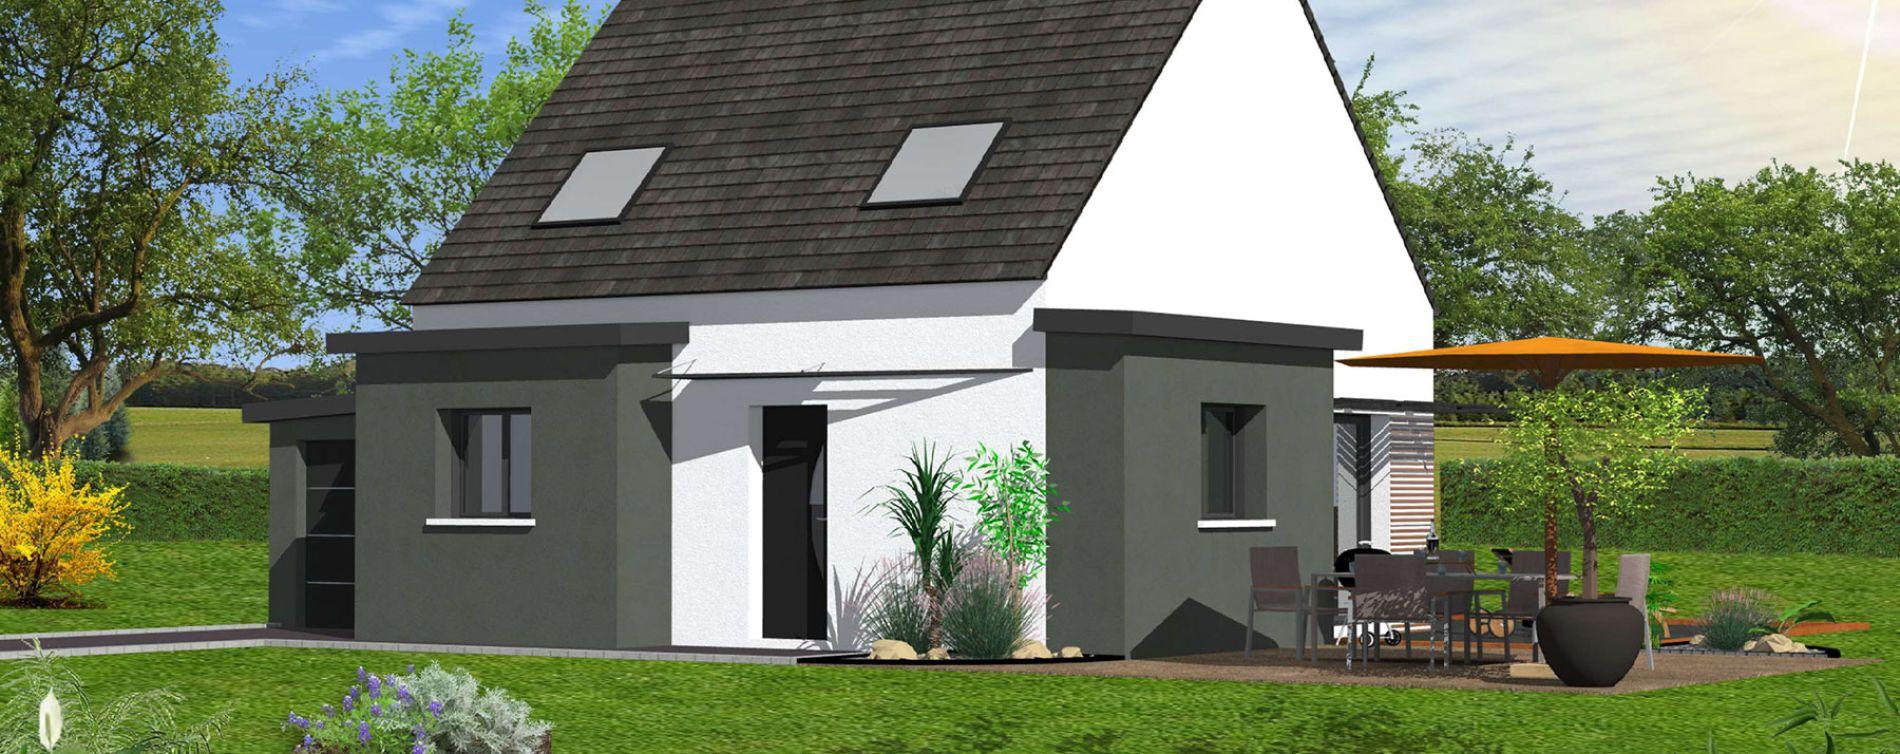 Ploudalmézeau : programme immobilier neuve « Chemin des Dunes »